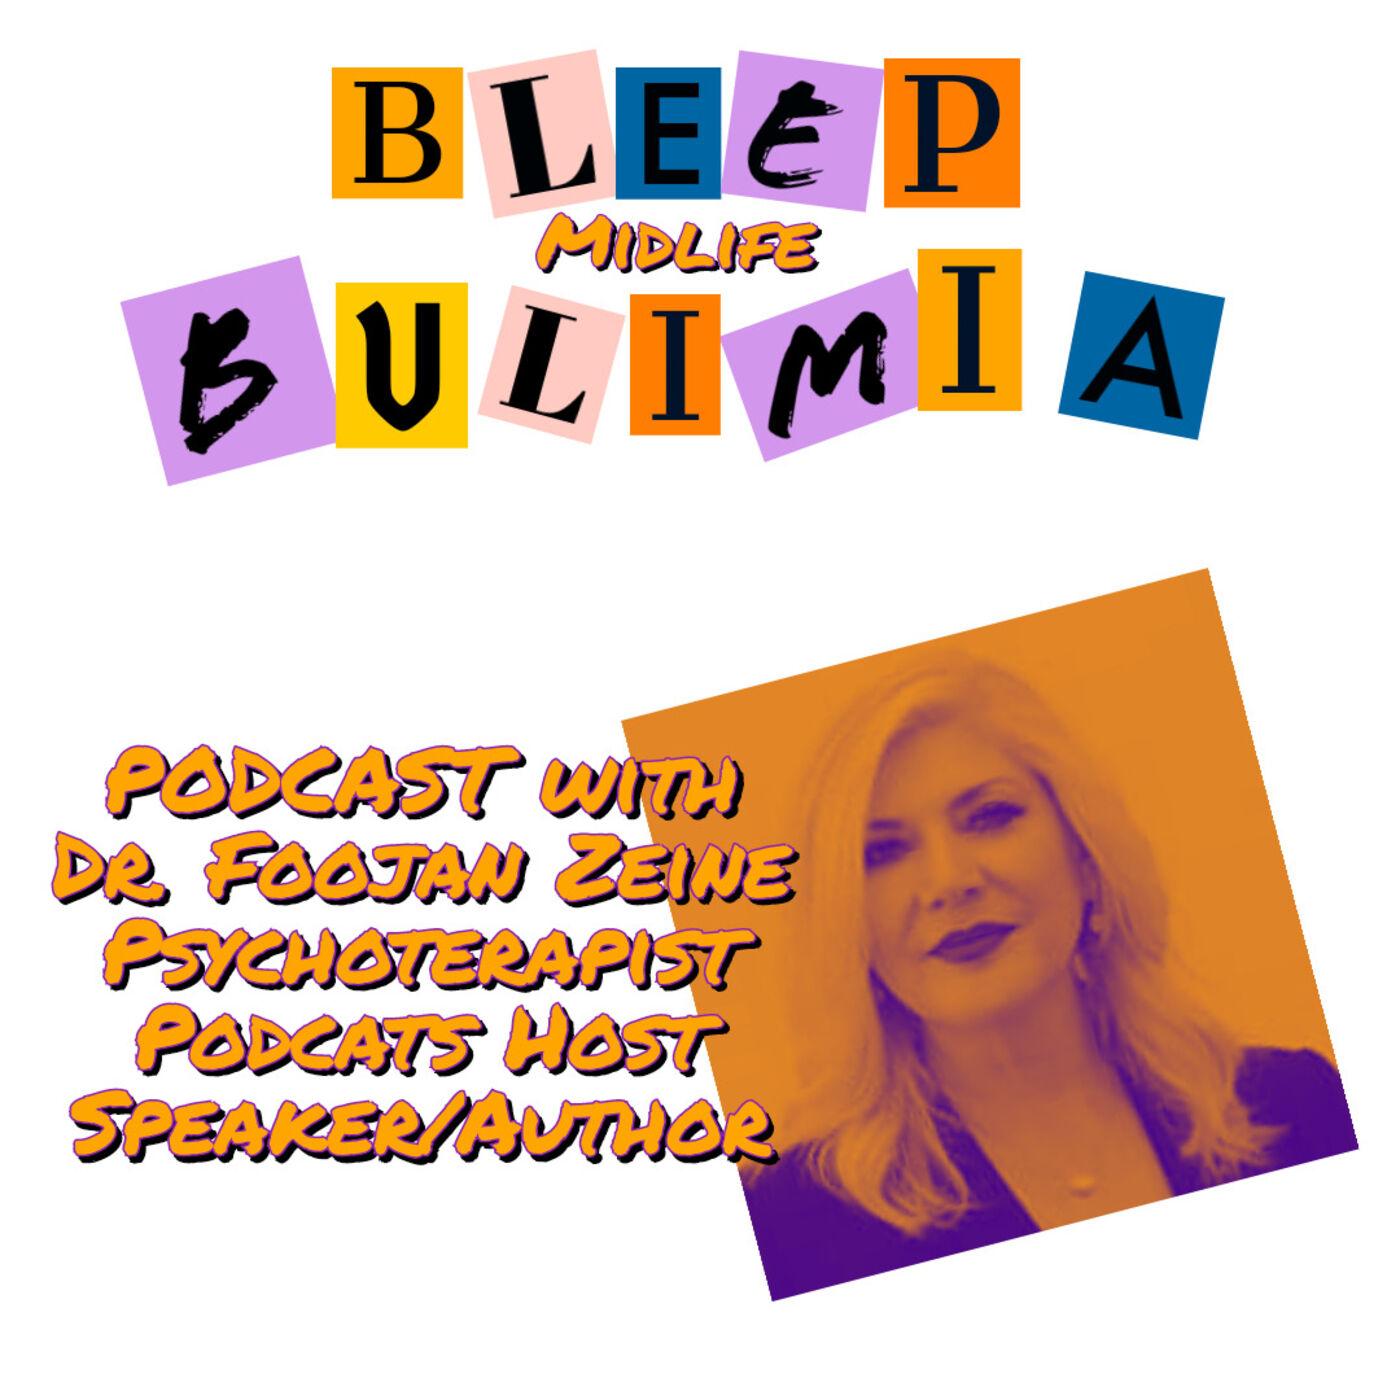 Bleep Bulimia Episode 50 with Dr. Foojan Zeine Psychotherapist, Radio/Podcast Host & International Speaker & Author